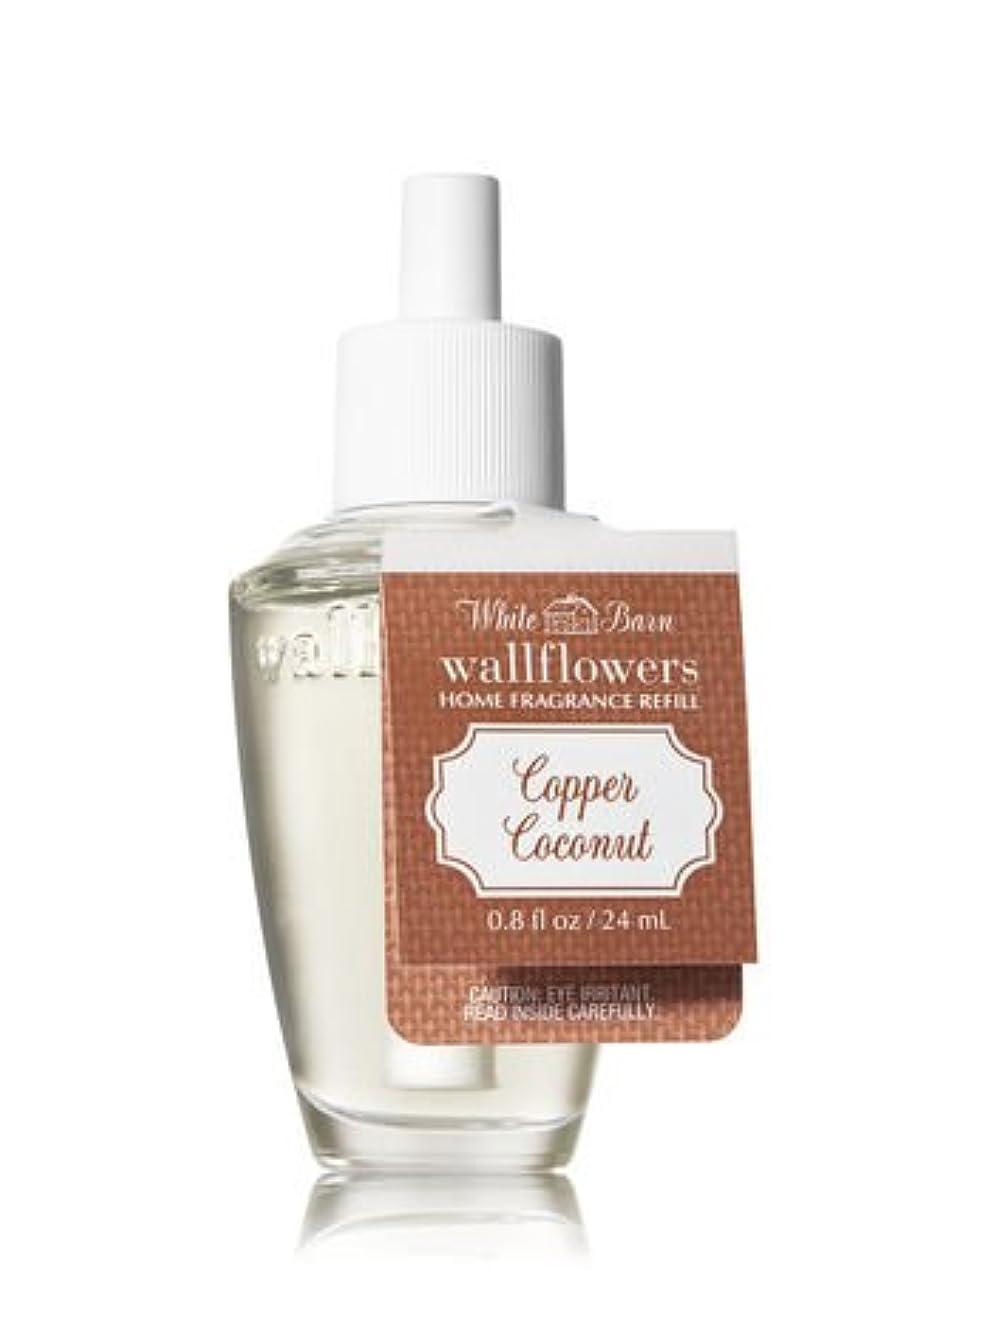 現金クール主導権【Bath&Body Works/バス&ボディワークス】 ルームフレグランス 詰替えリフィル コッパーココナッツ Wallflowers Home Fragrance Refill Copper Coconut [並行輸入品]